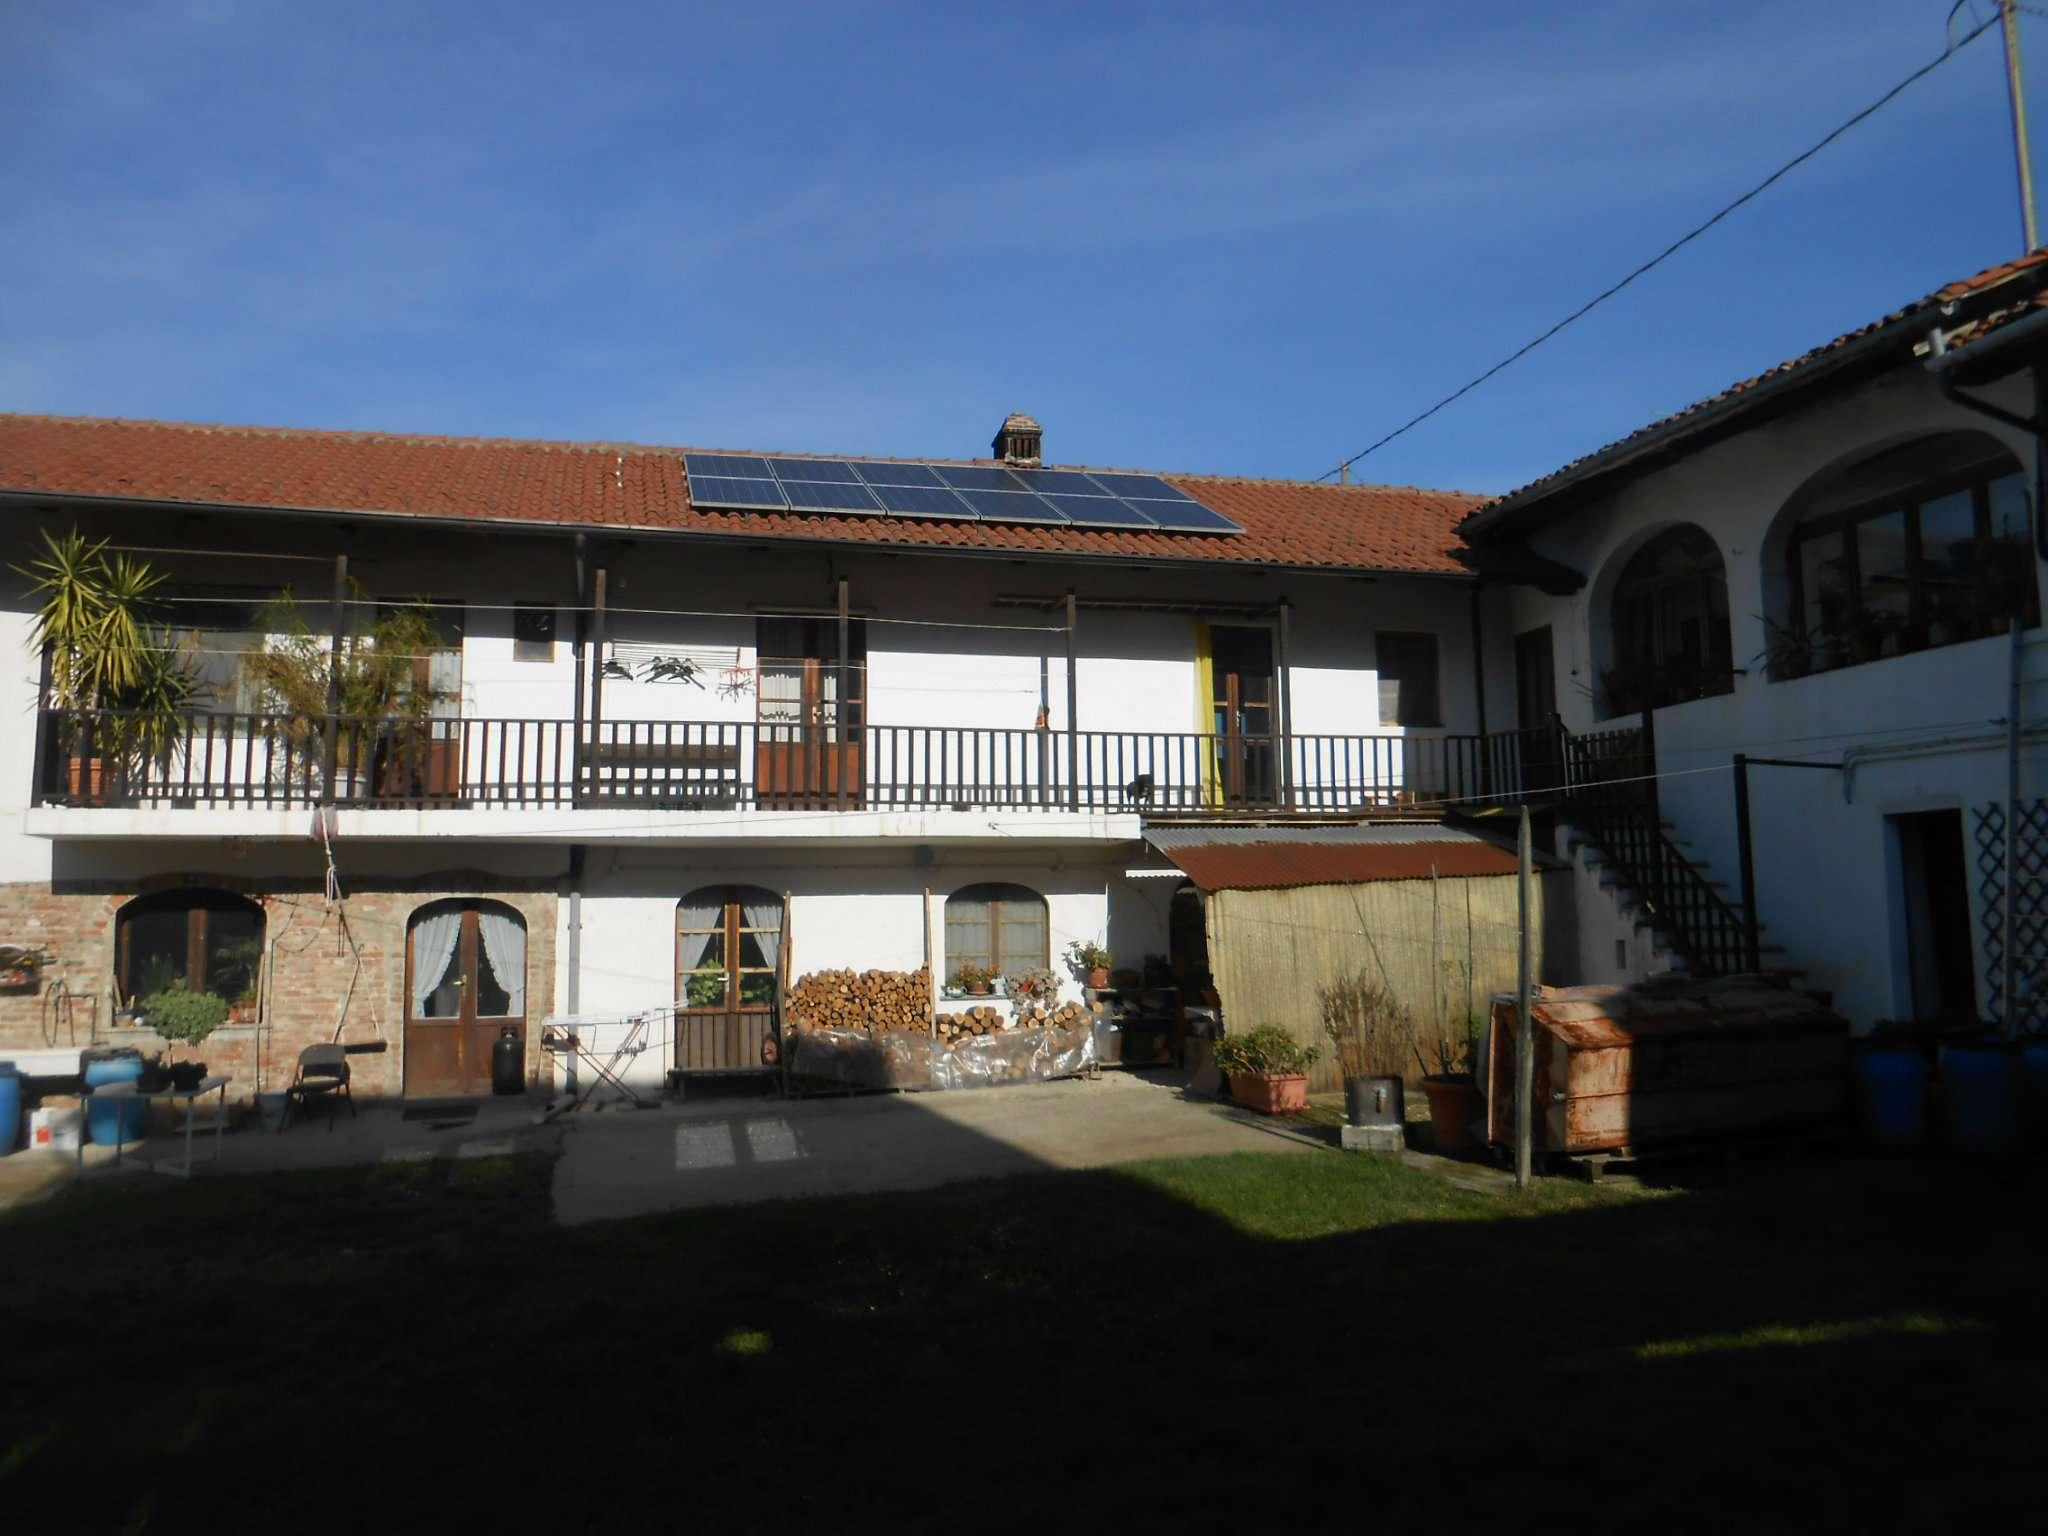 Rustico / Casale in vendita a Castelnuovo Don Bosco, 13 locali, prezzo € 170.000 | Cambio Casa.it